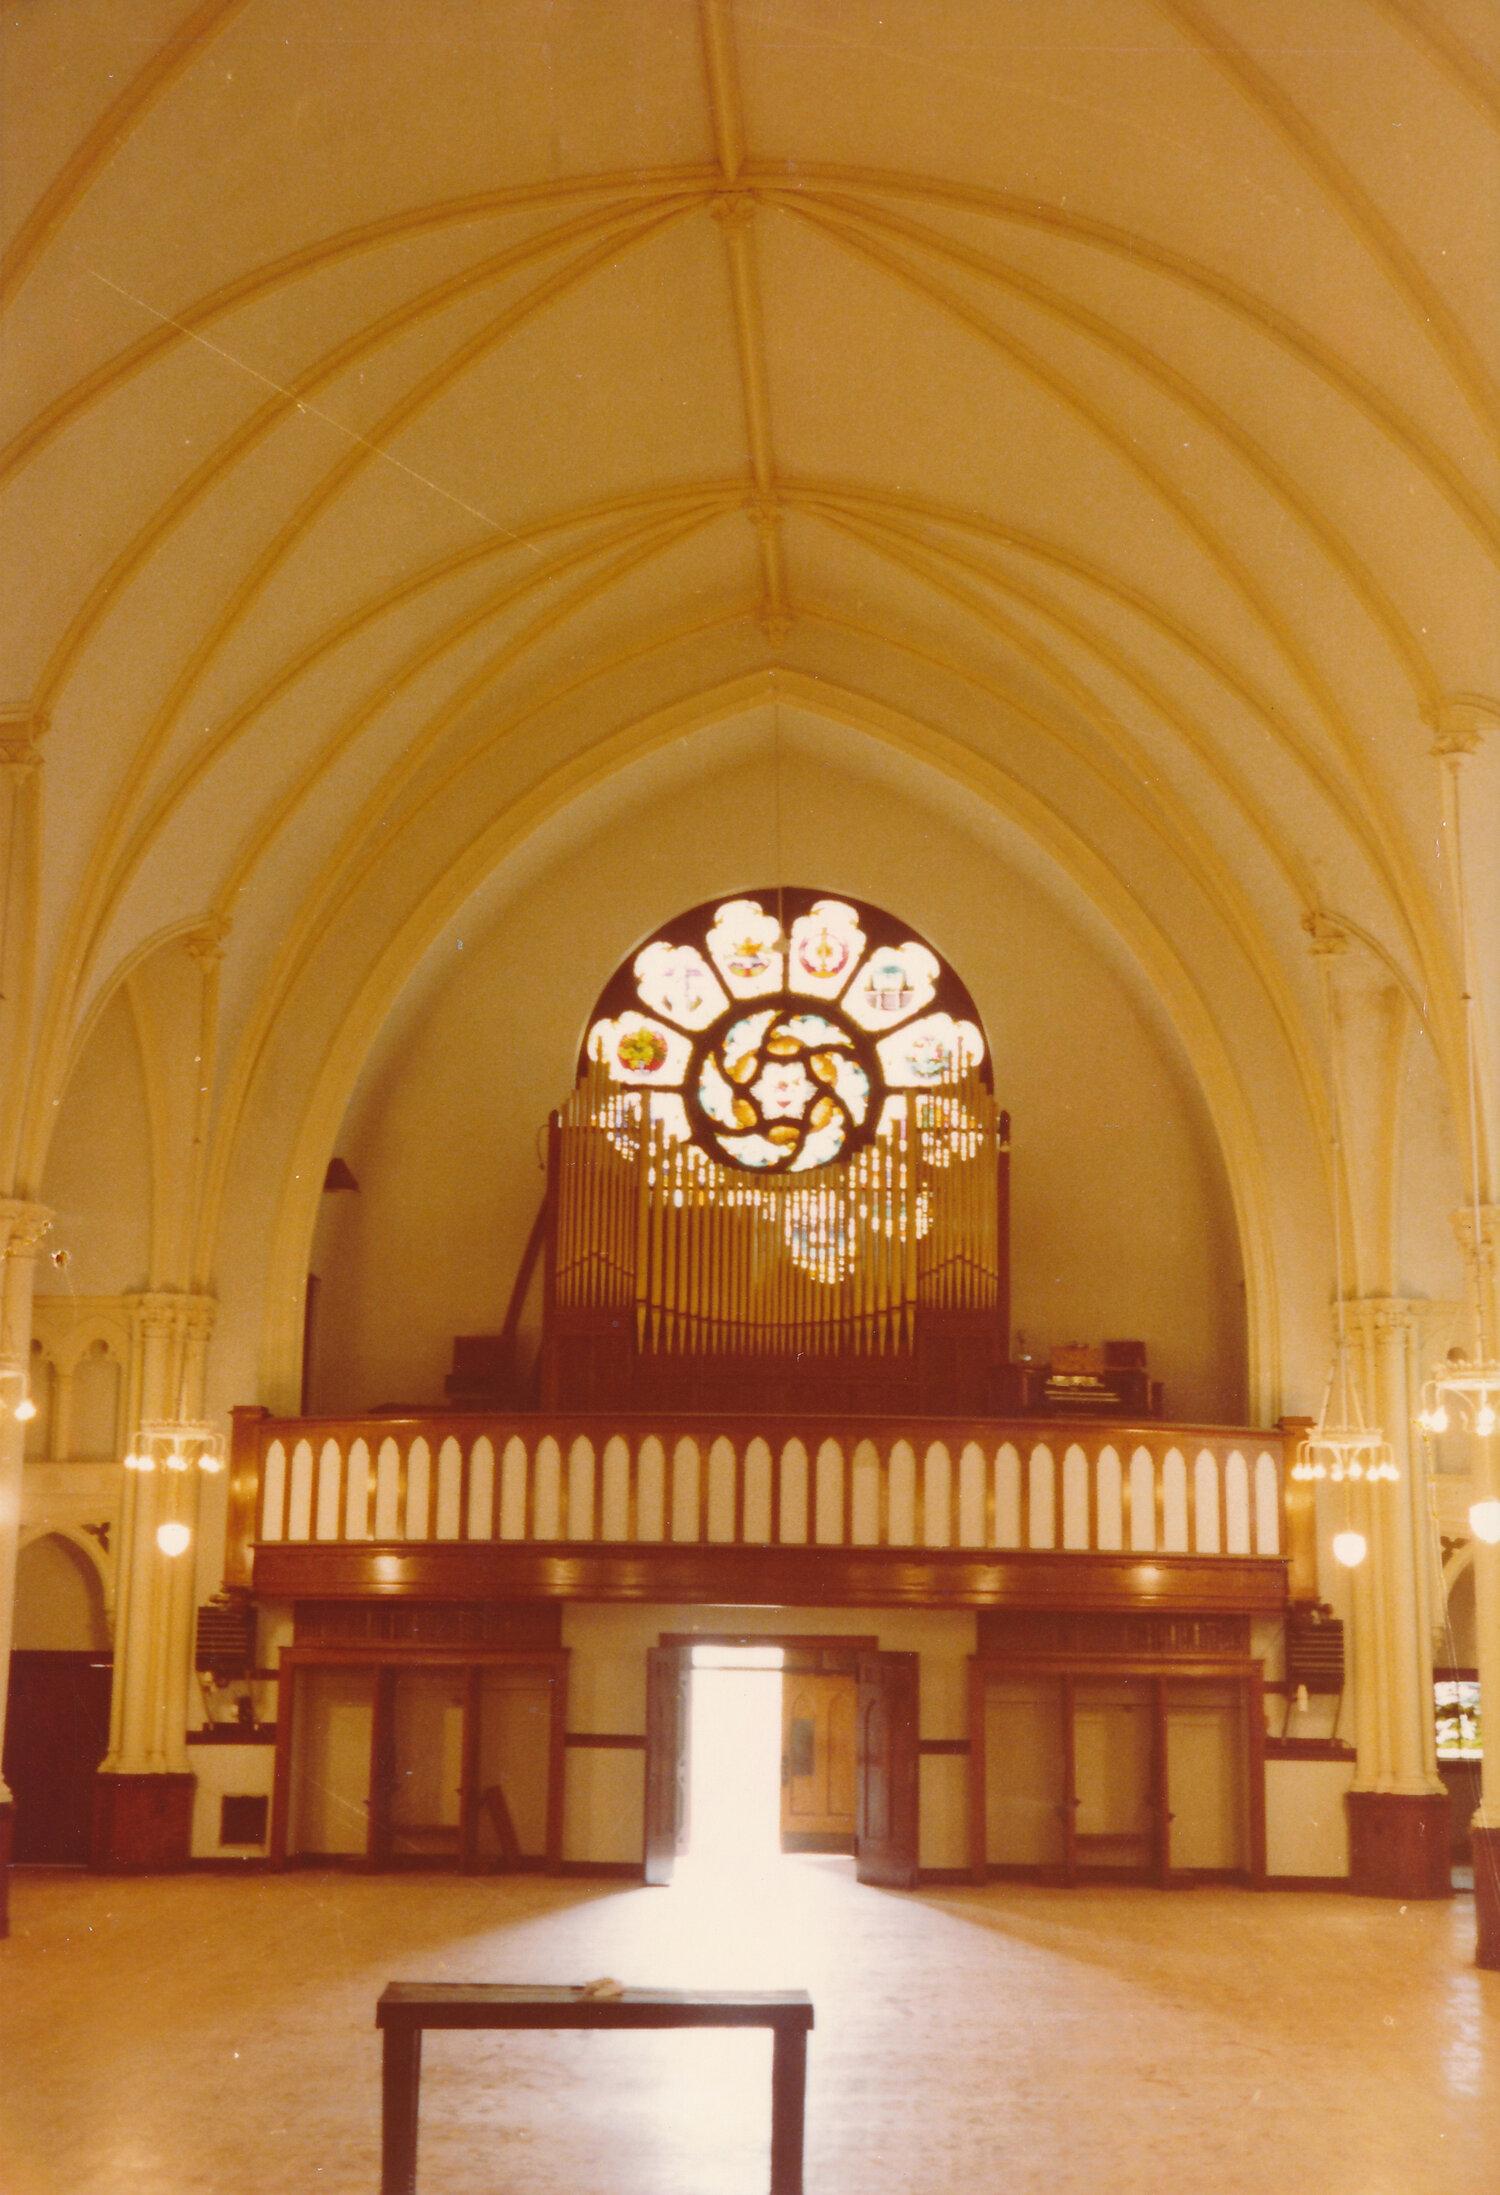 190925-immaculata-inside-3.JPG